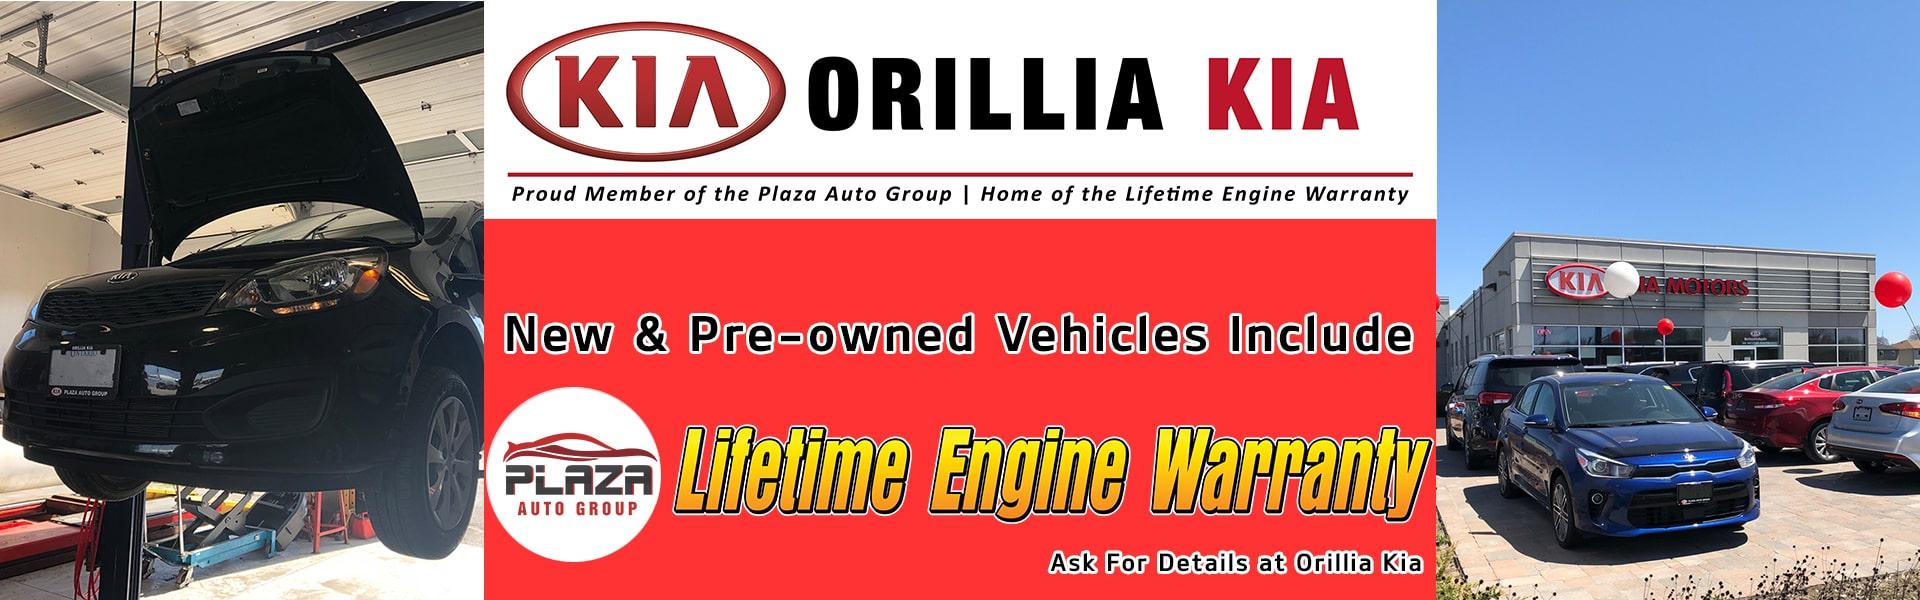 Orillia Kia Lifetime Engine Warranty